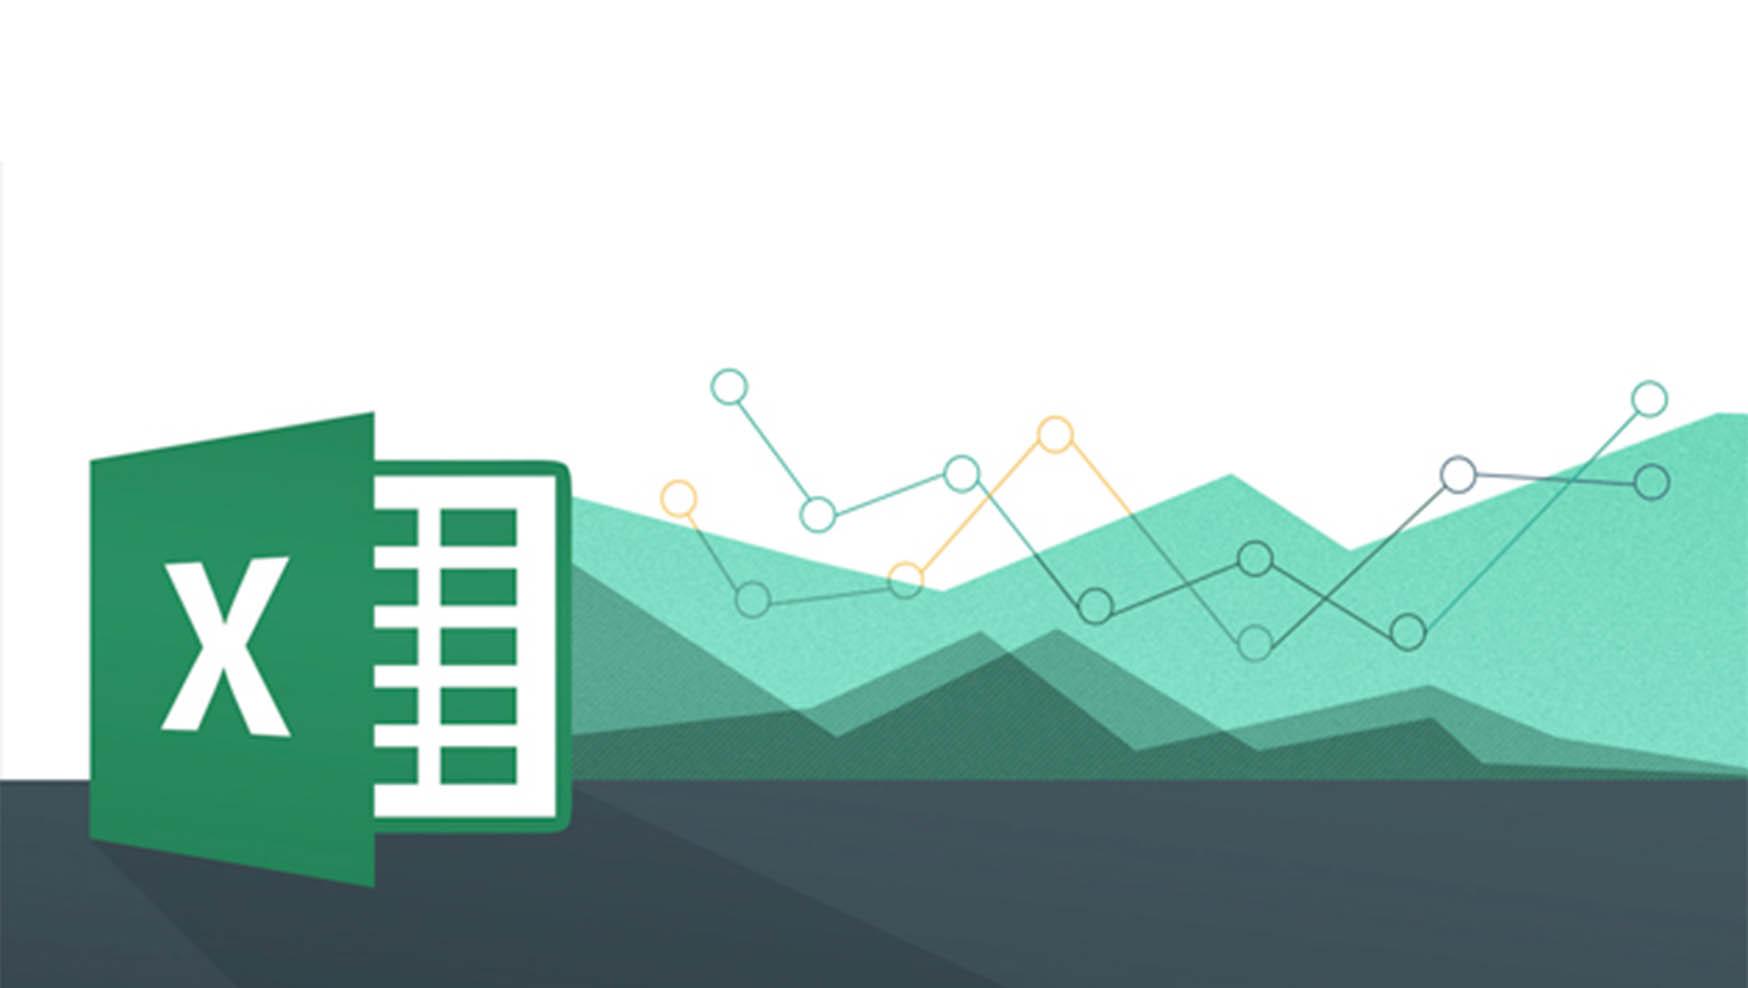 Şirketinizdeki Excel Kullanım Verimliliğini Nasıl Yükseltirsiniz?